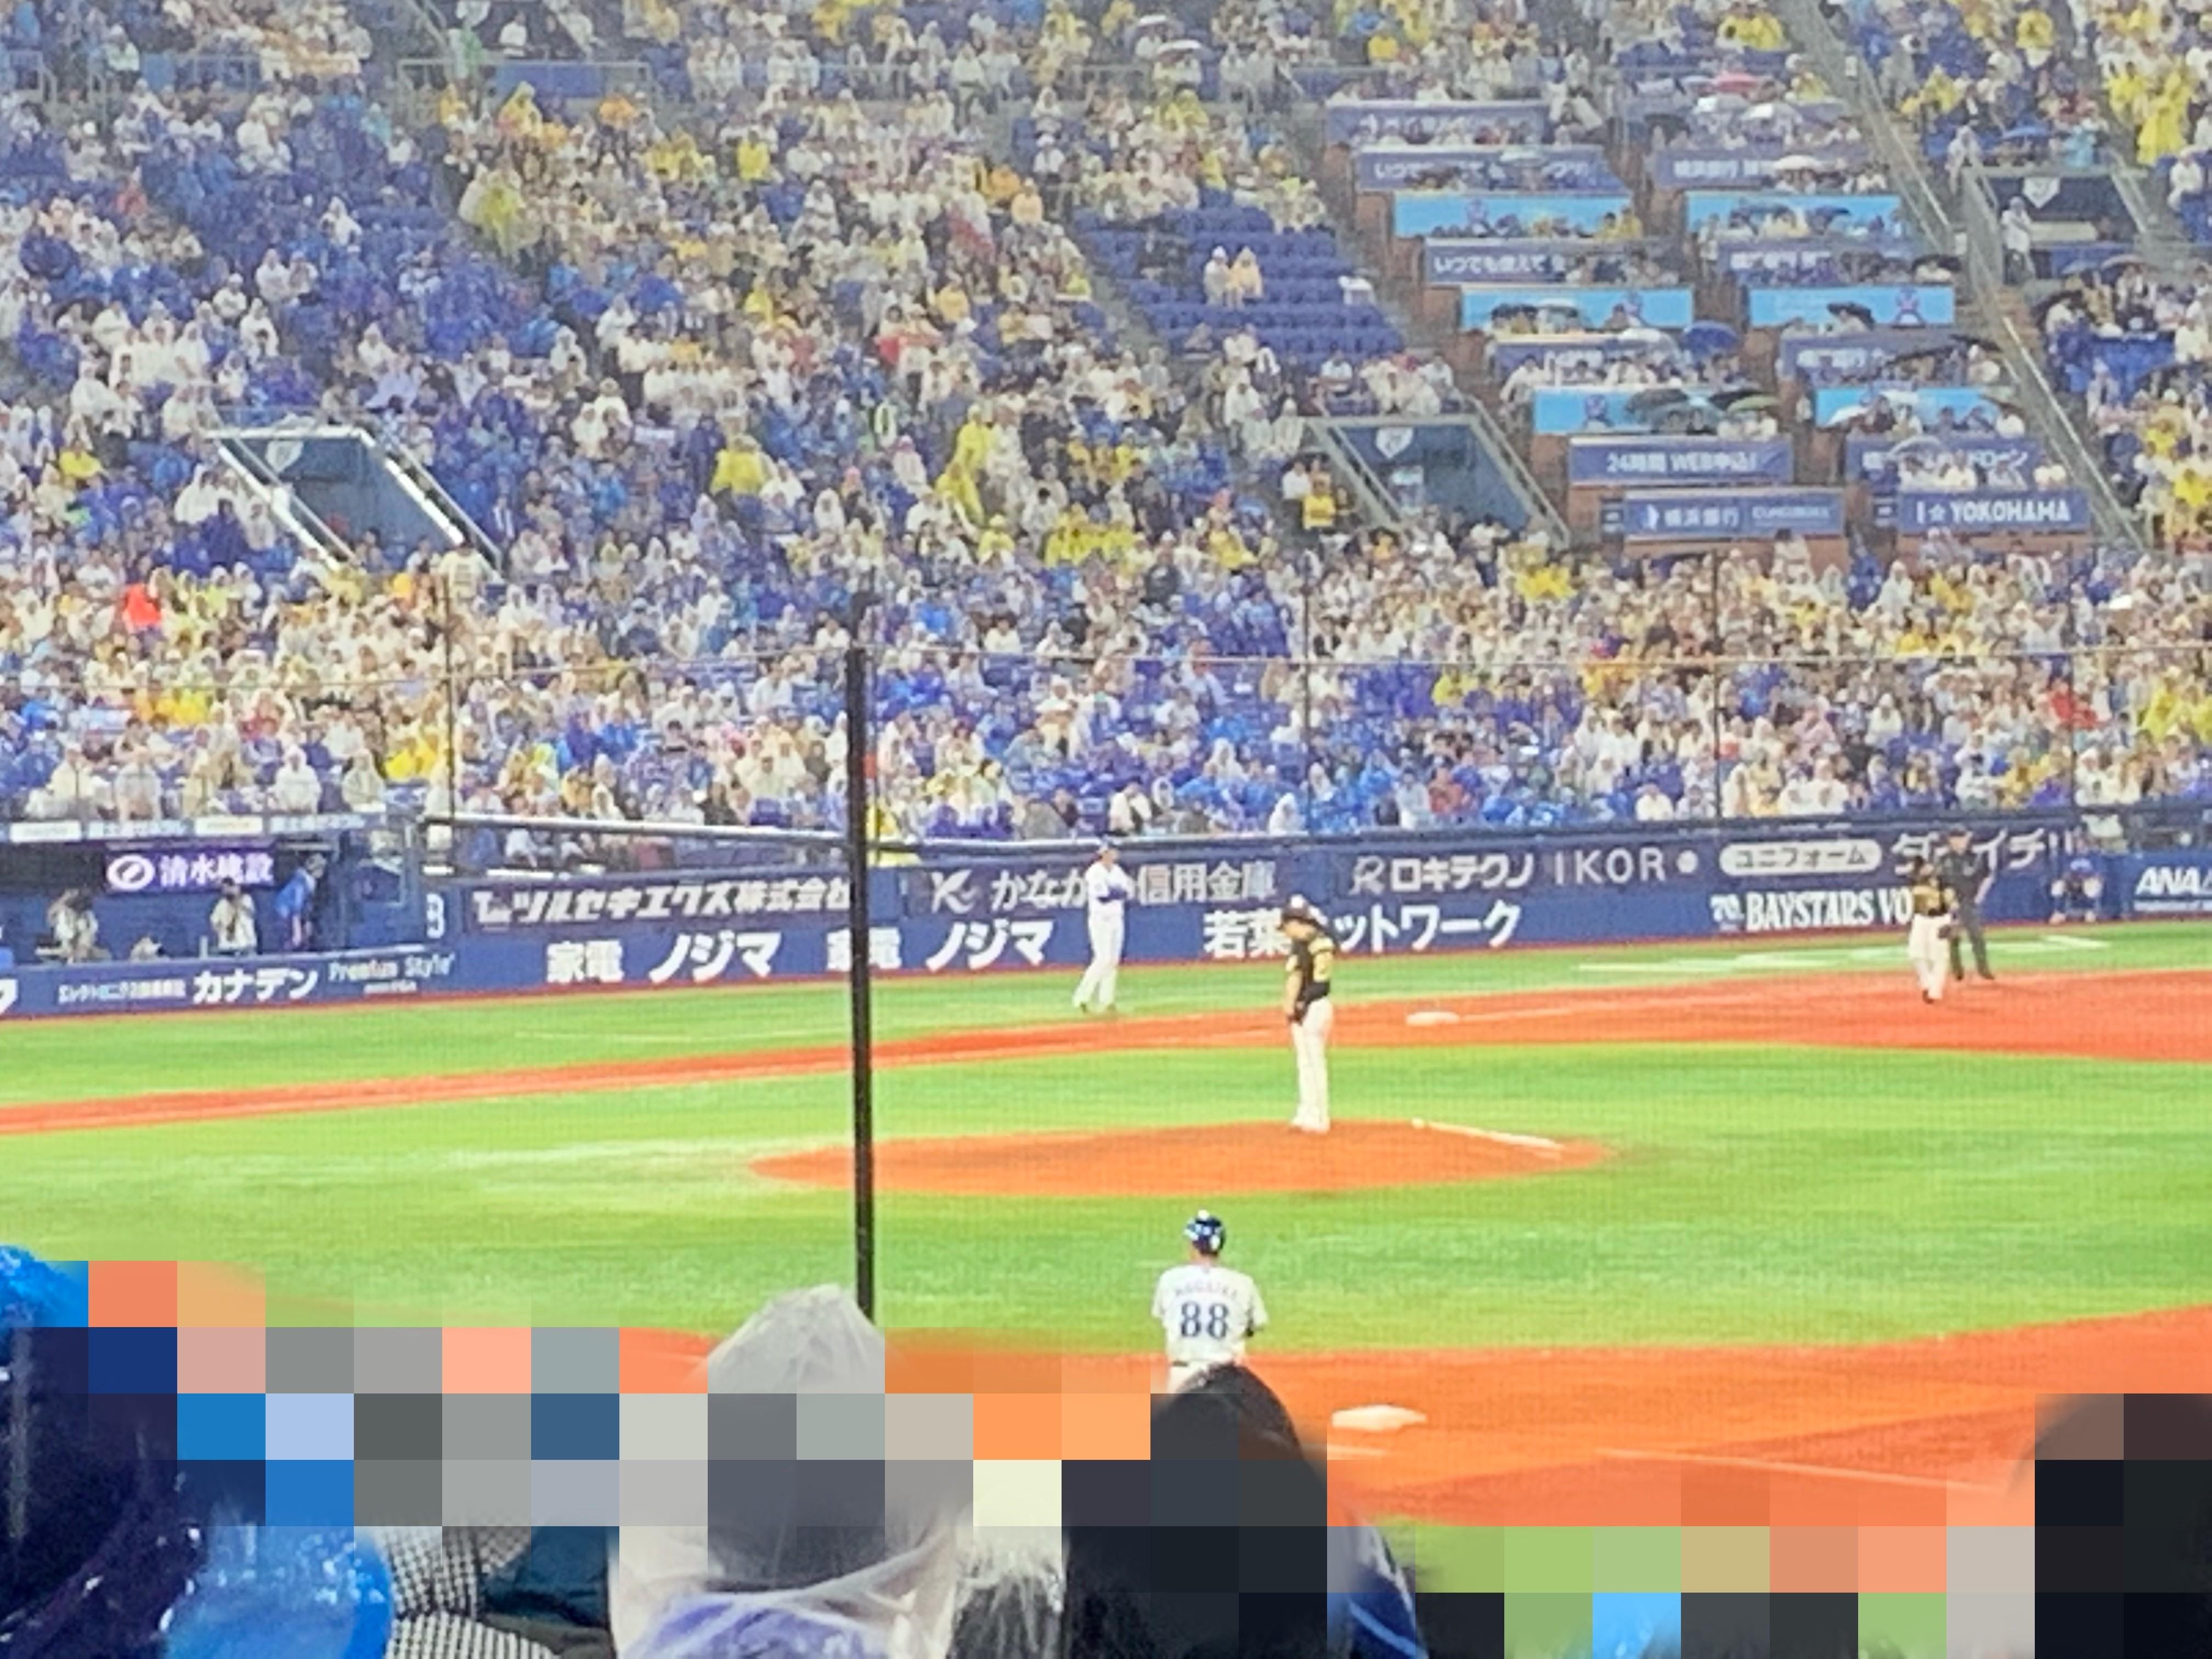 阪神対横浜の延長戦の画像